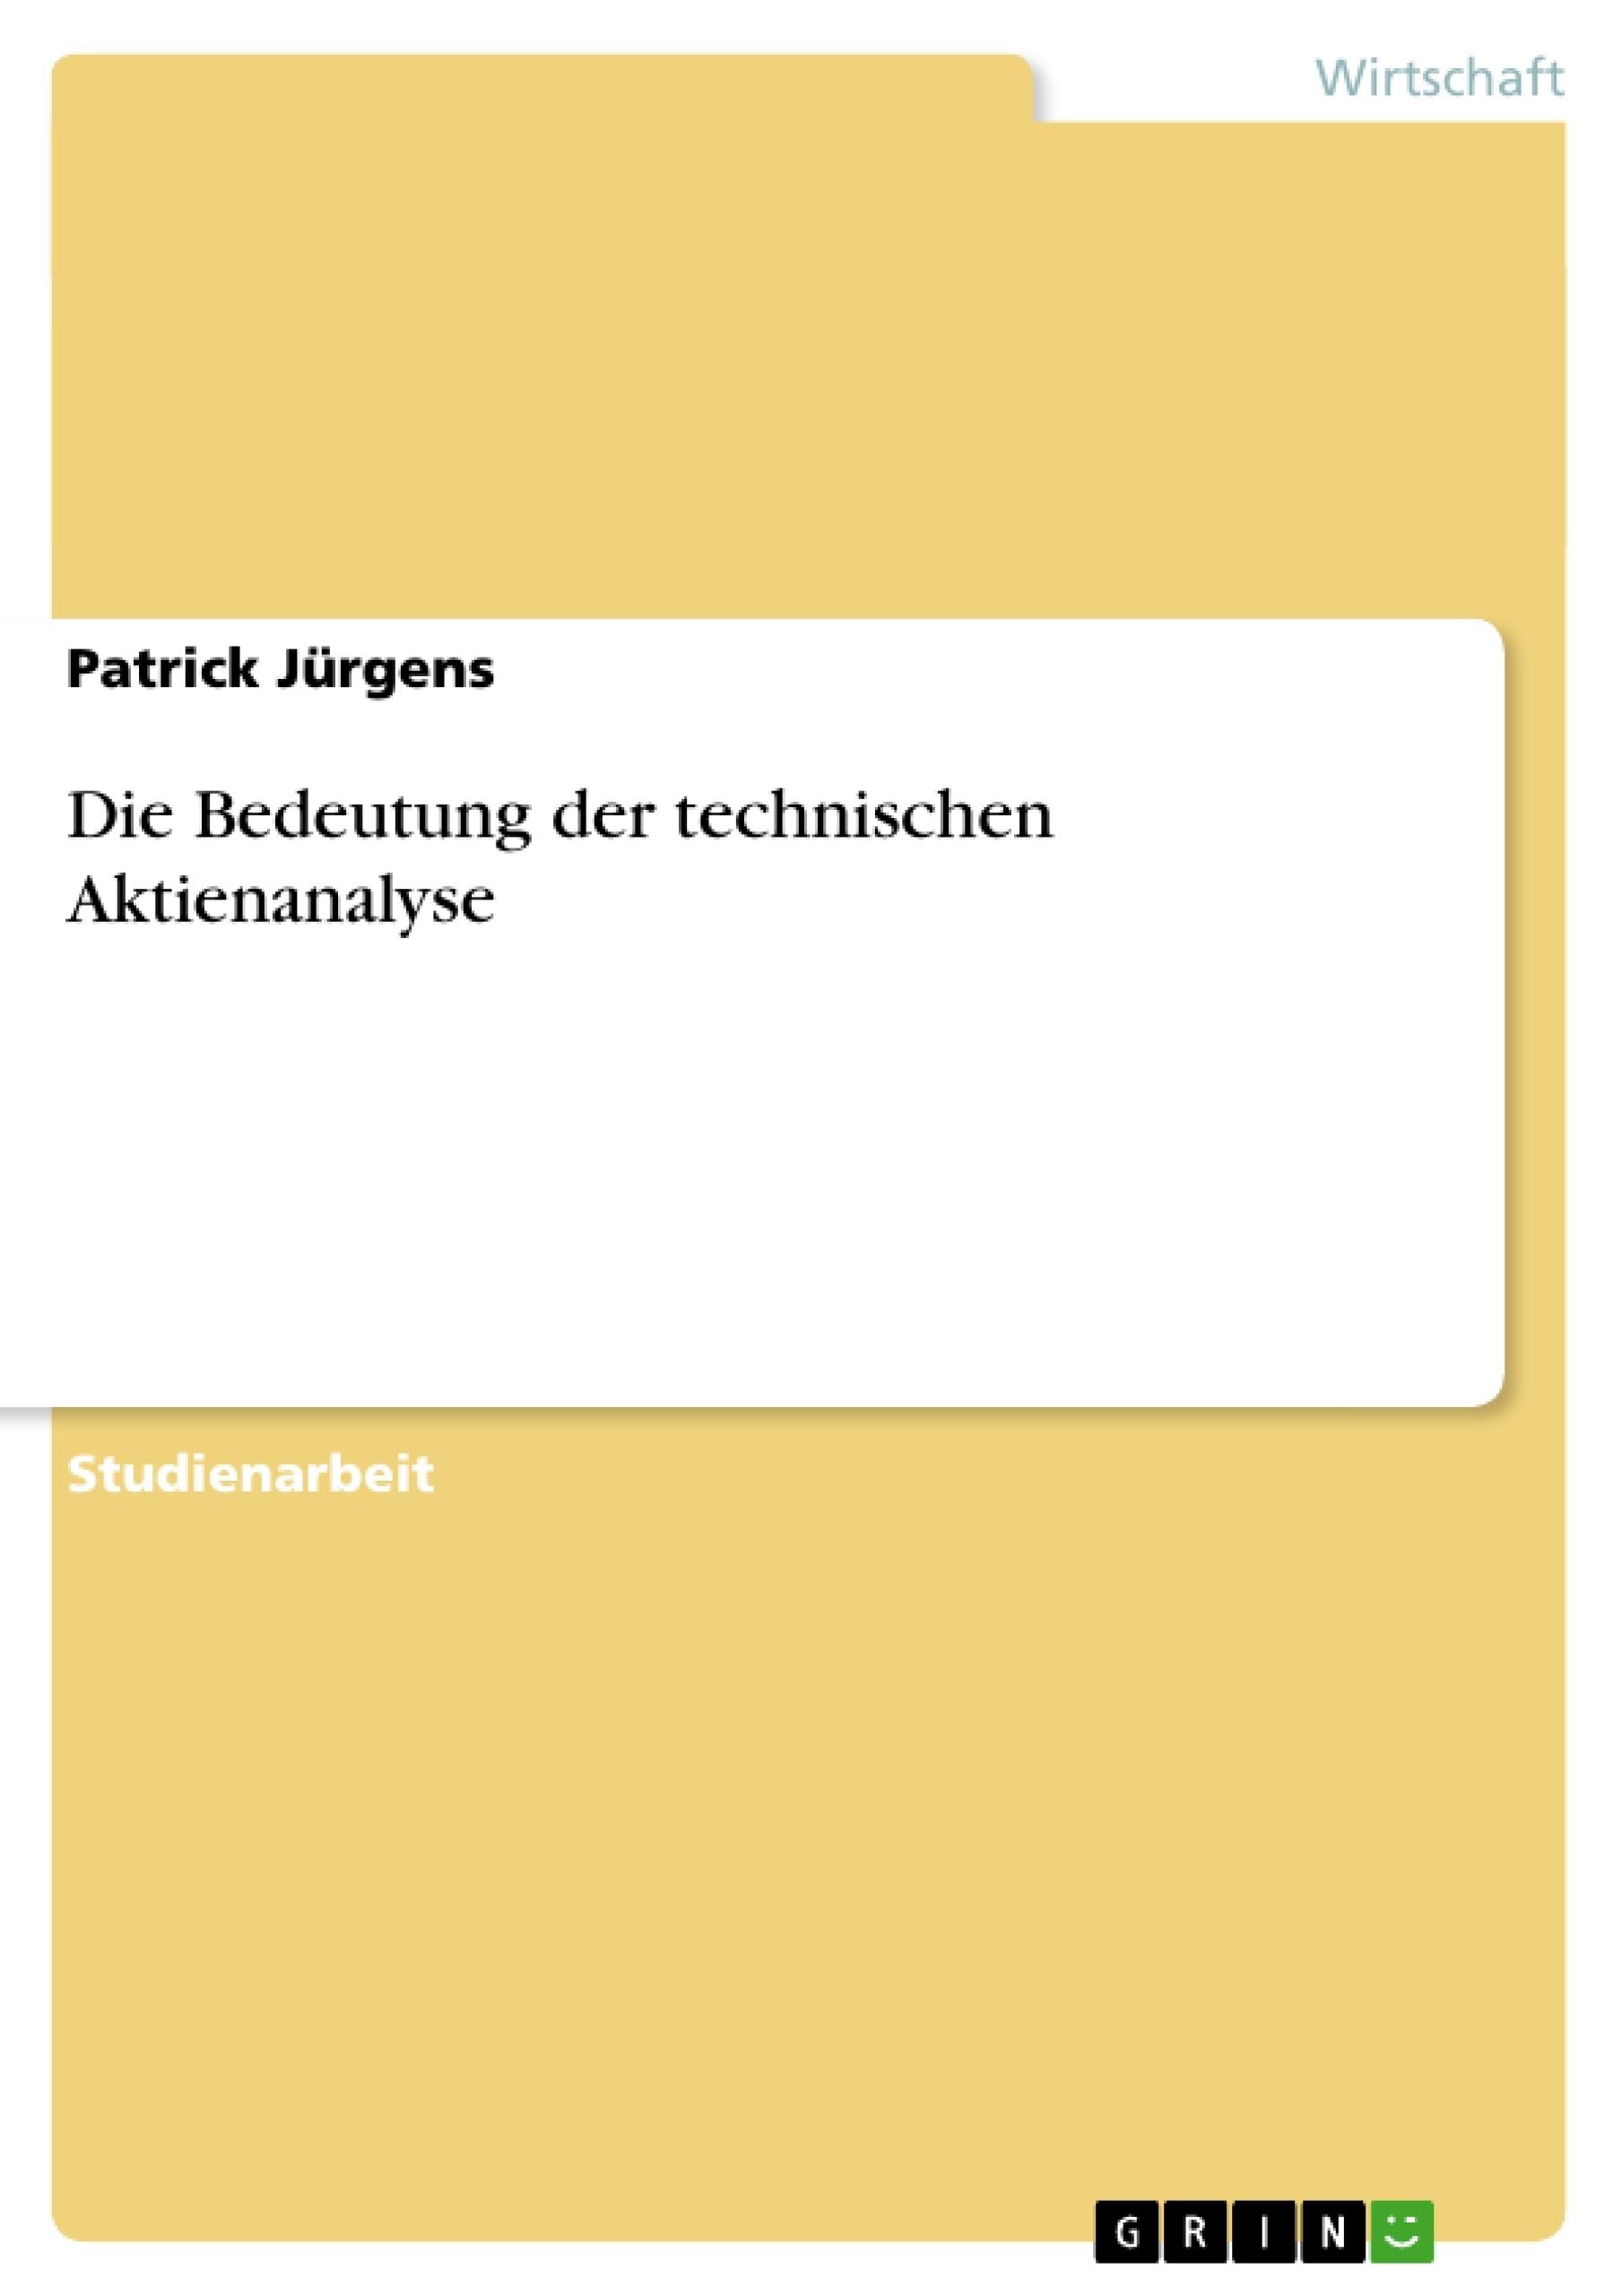 Titel: Die Bedeutung der technischen Aktienanalyse